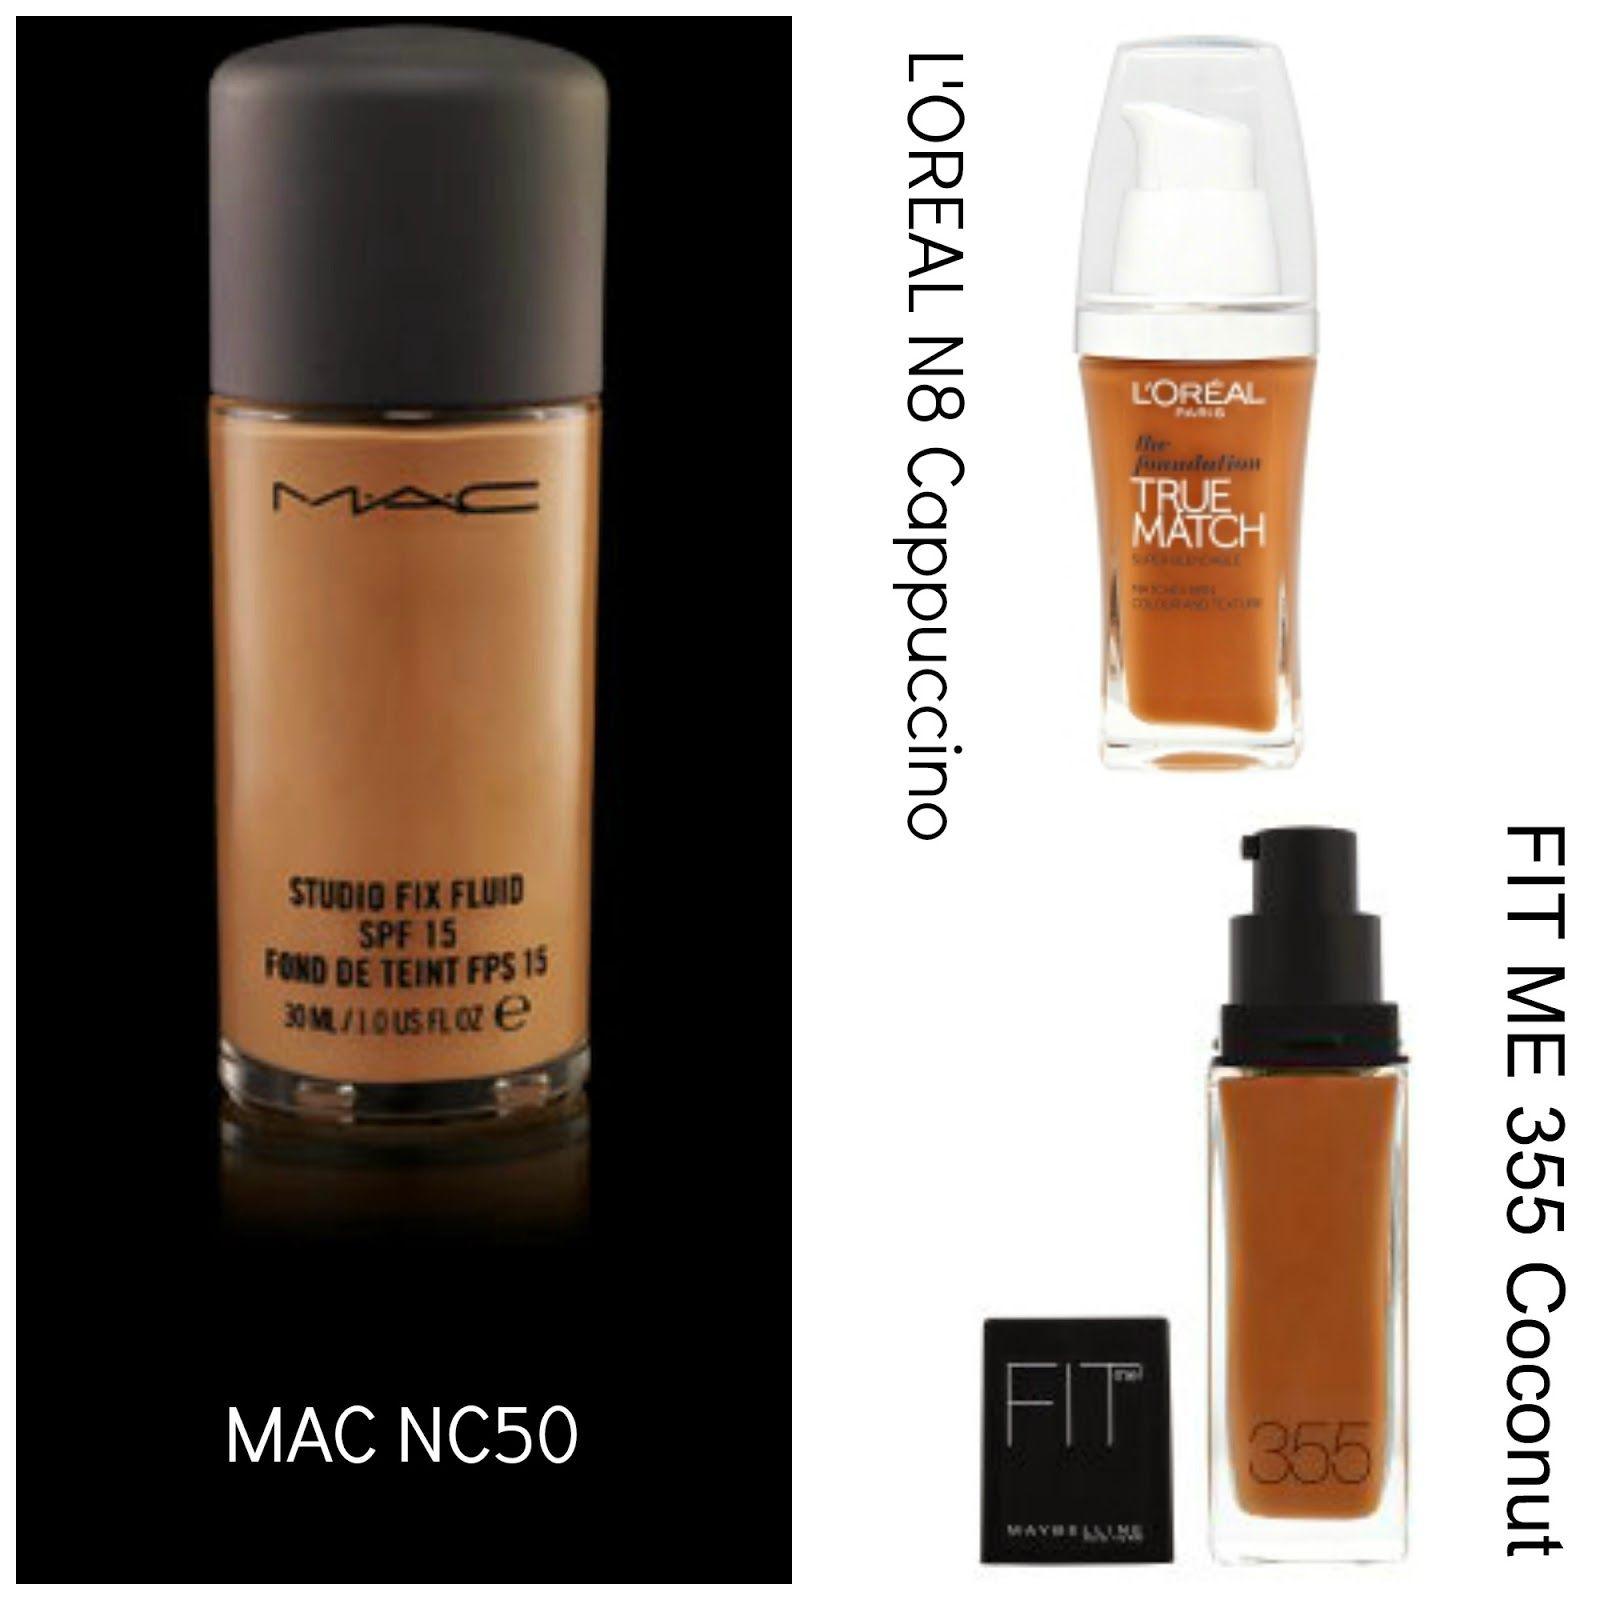 Mac studio fix foundation NC50 verses L'oreal true match